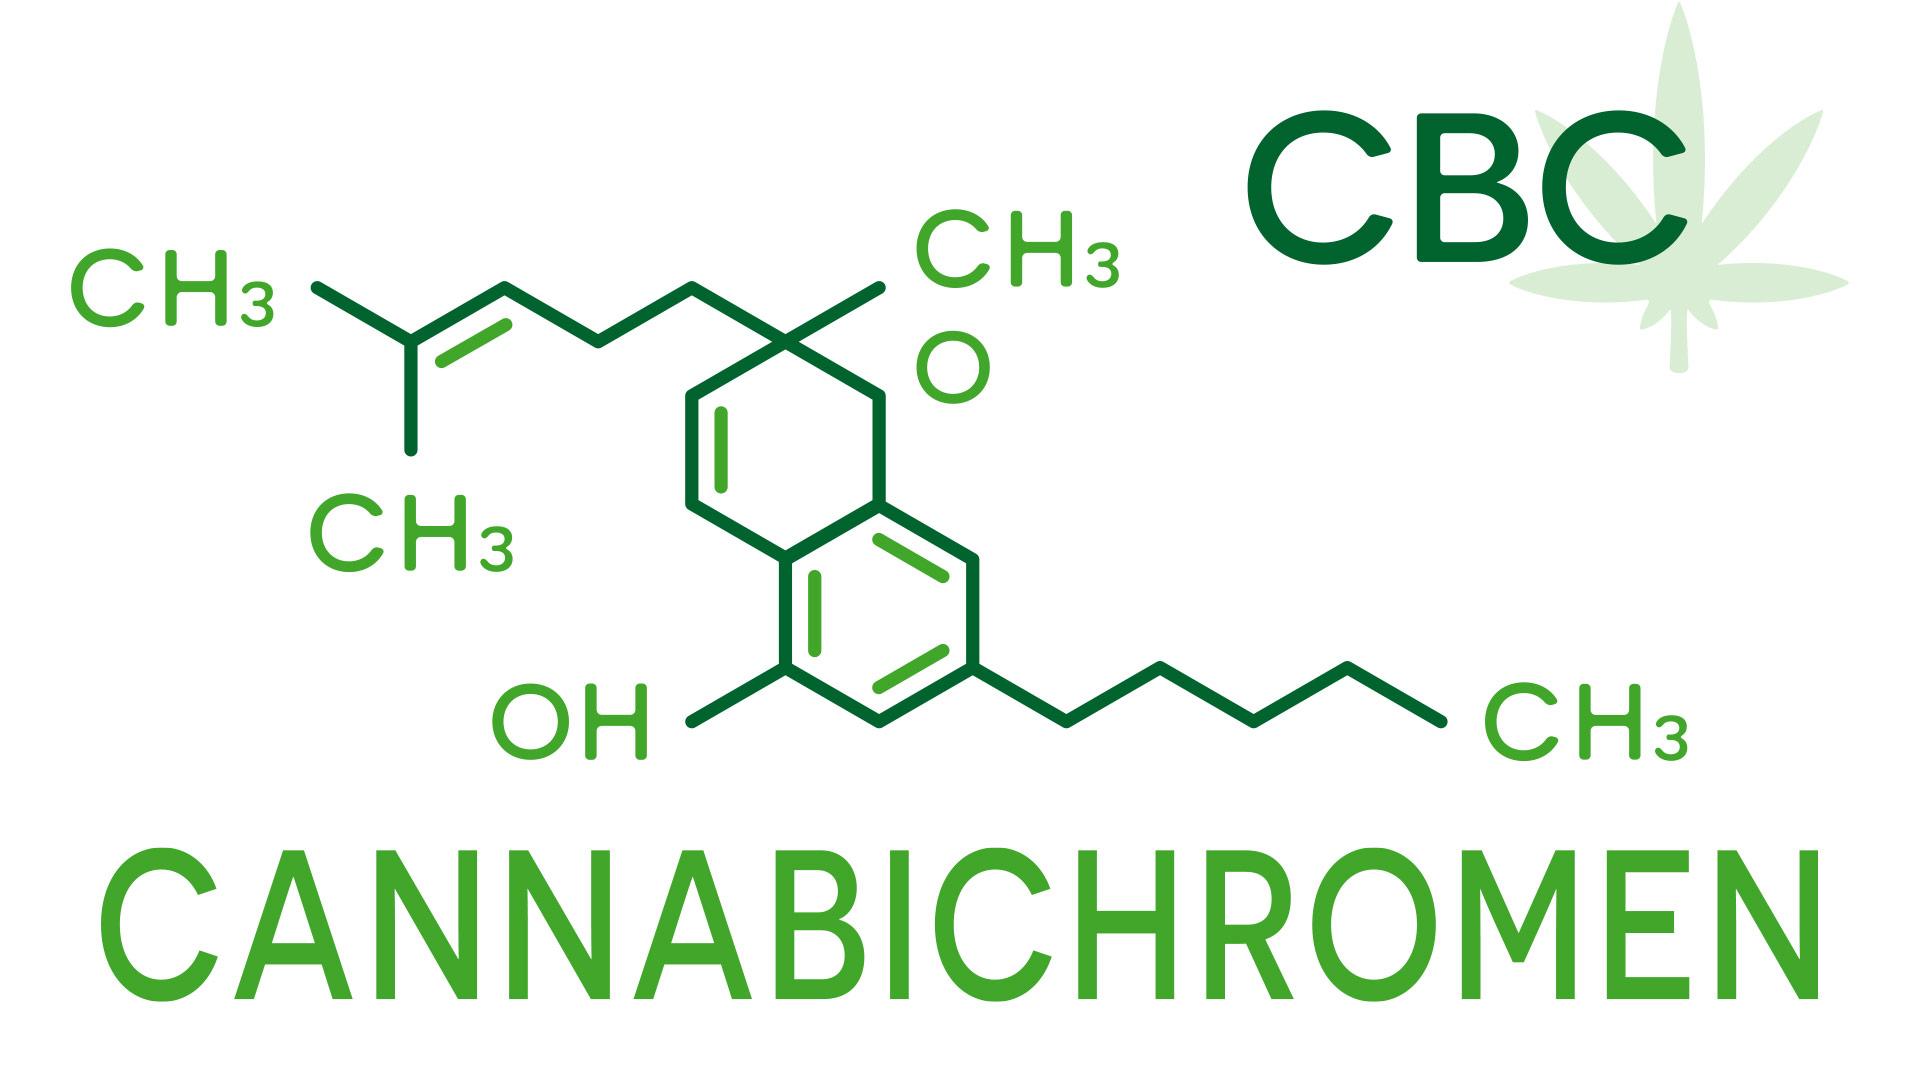 Cannabichromen – Was ist CBC und CBC VS CBCA